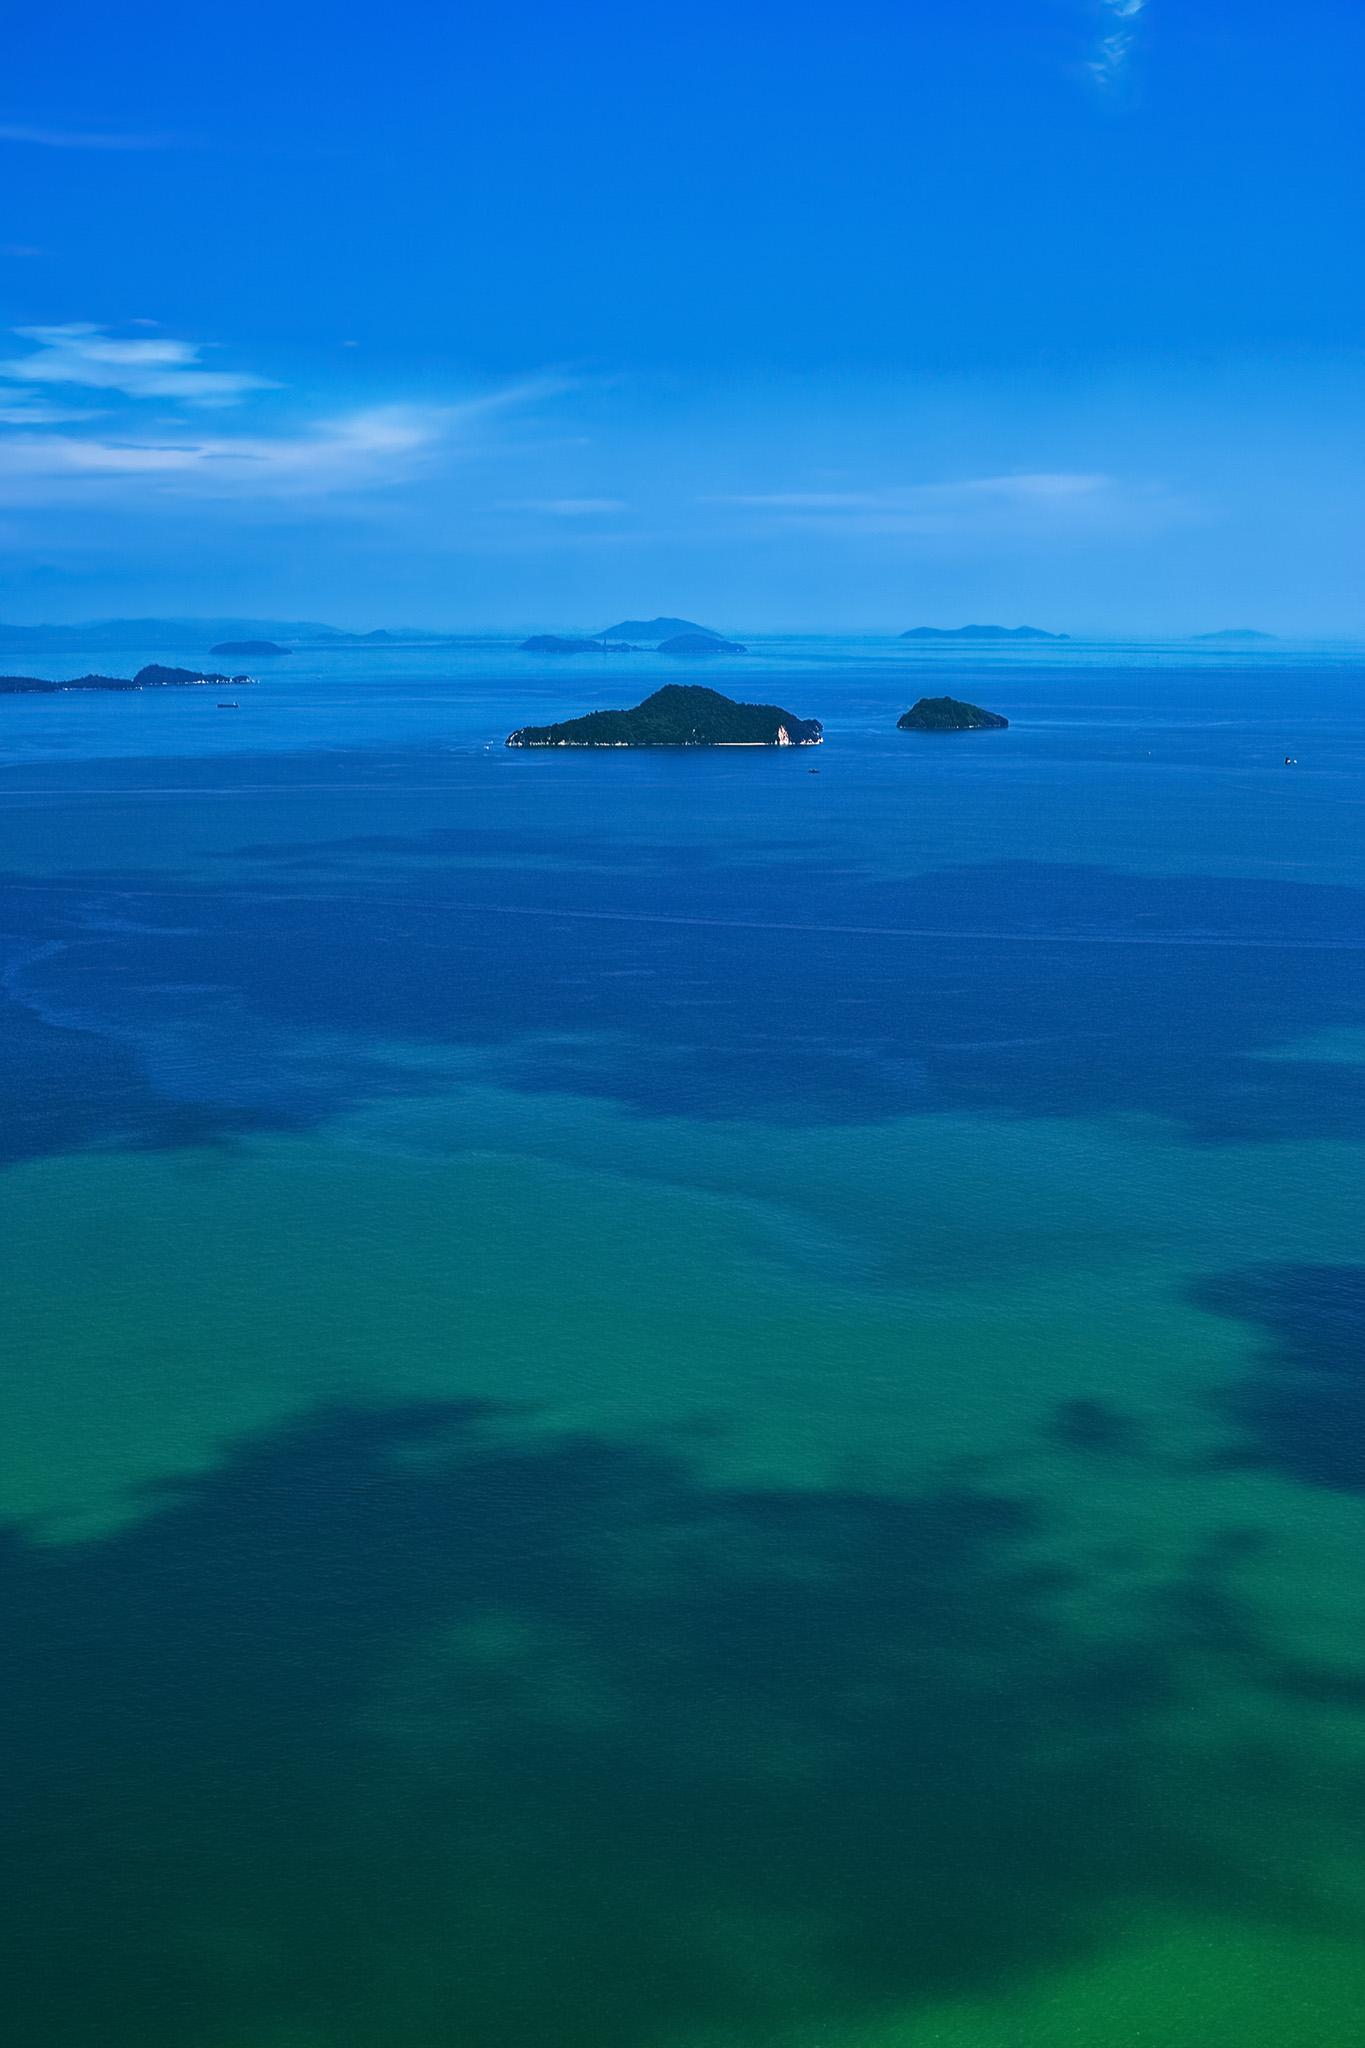 「遠くに見える島々」の素材を無料ダウンロード